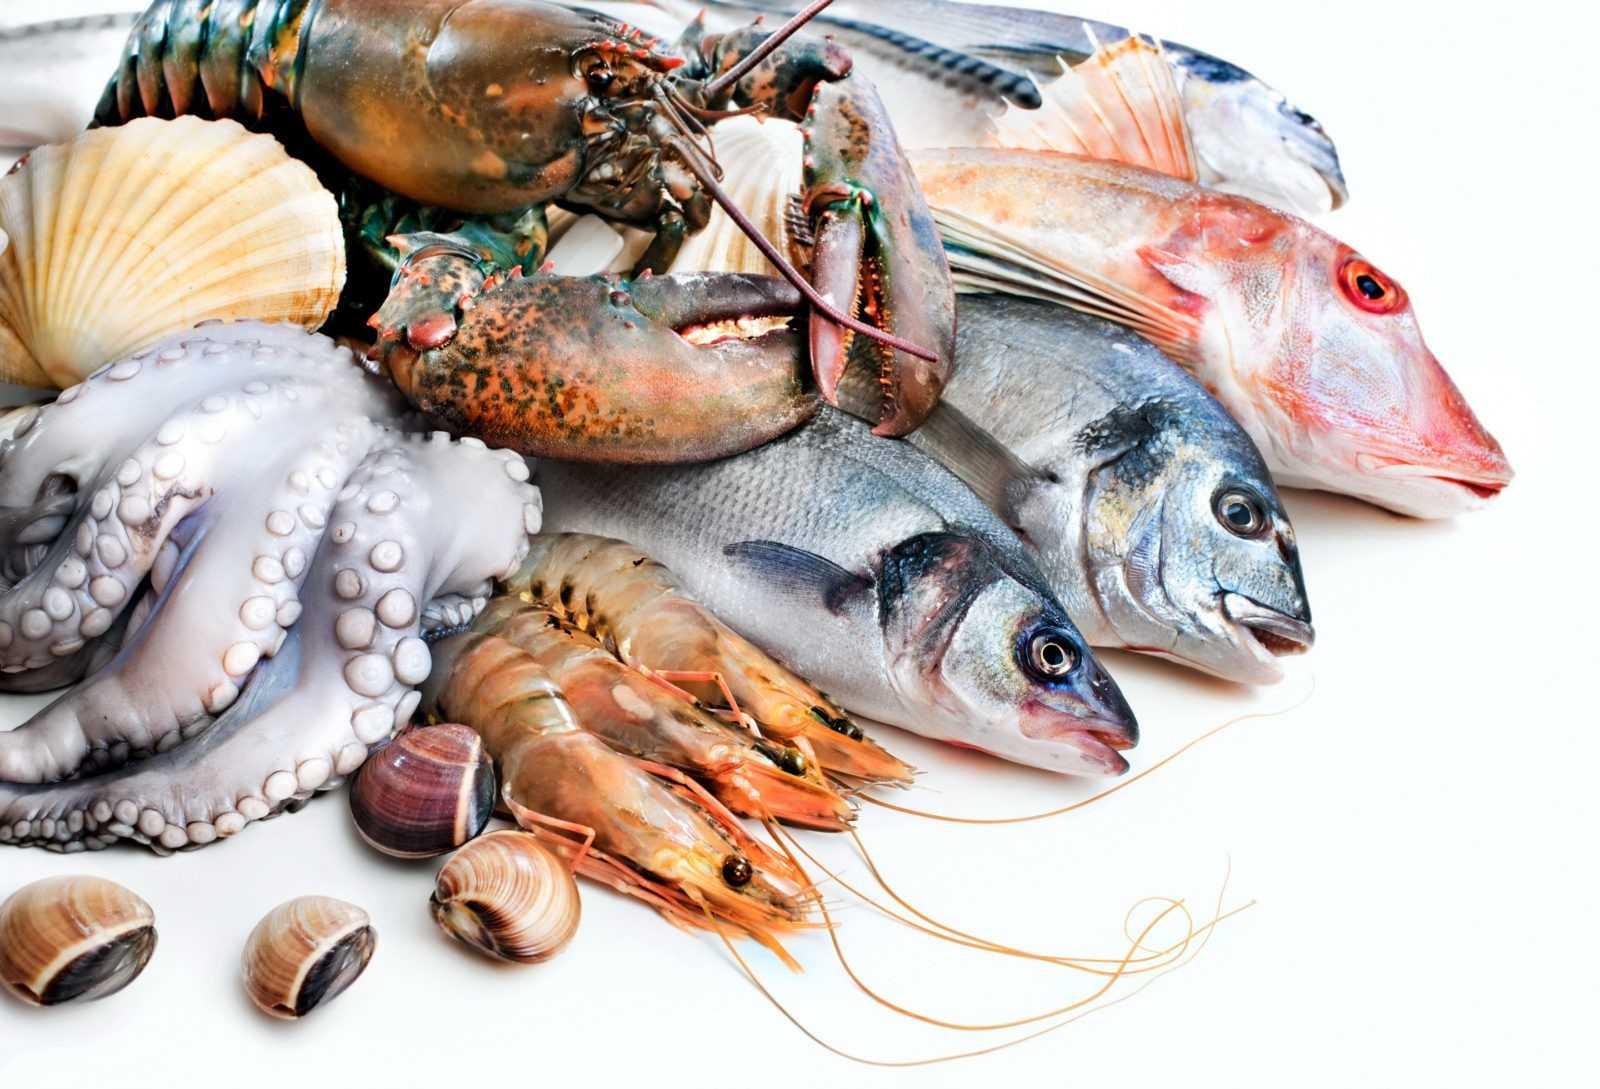 Вместе с морепродуктами мы употребляем пластик